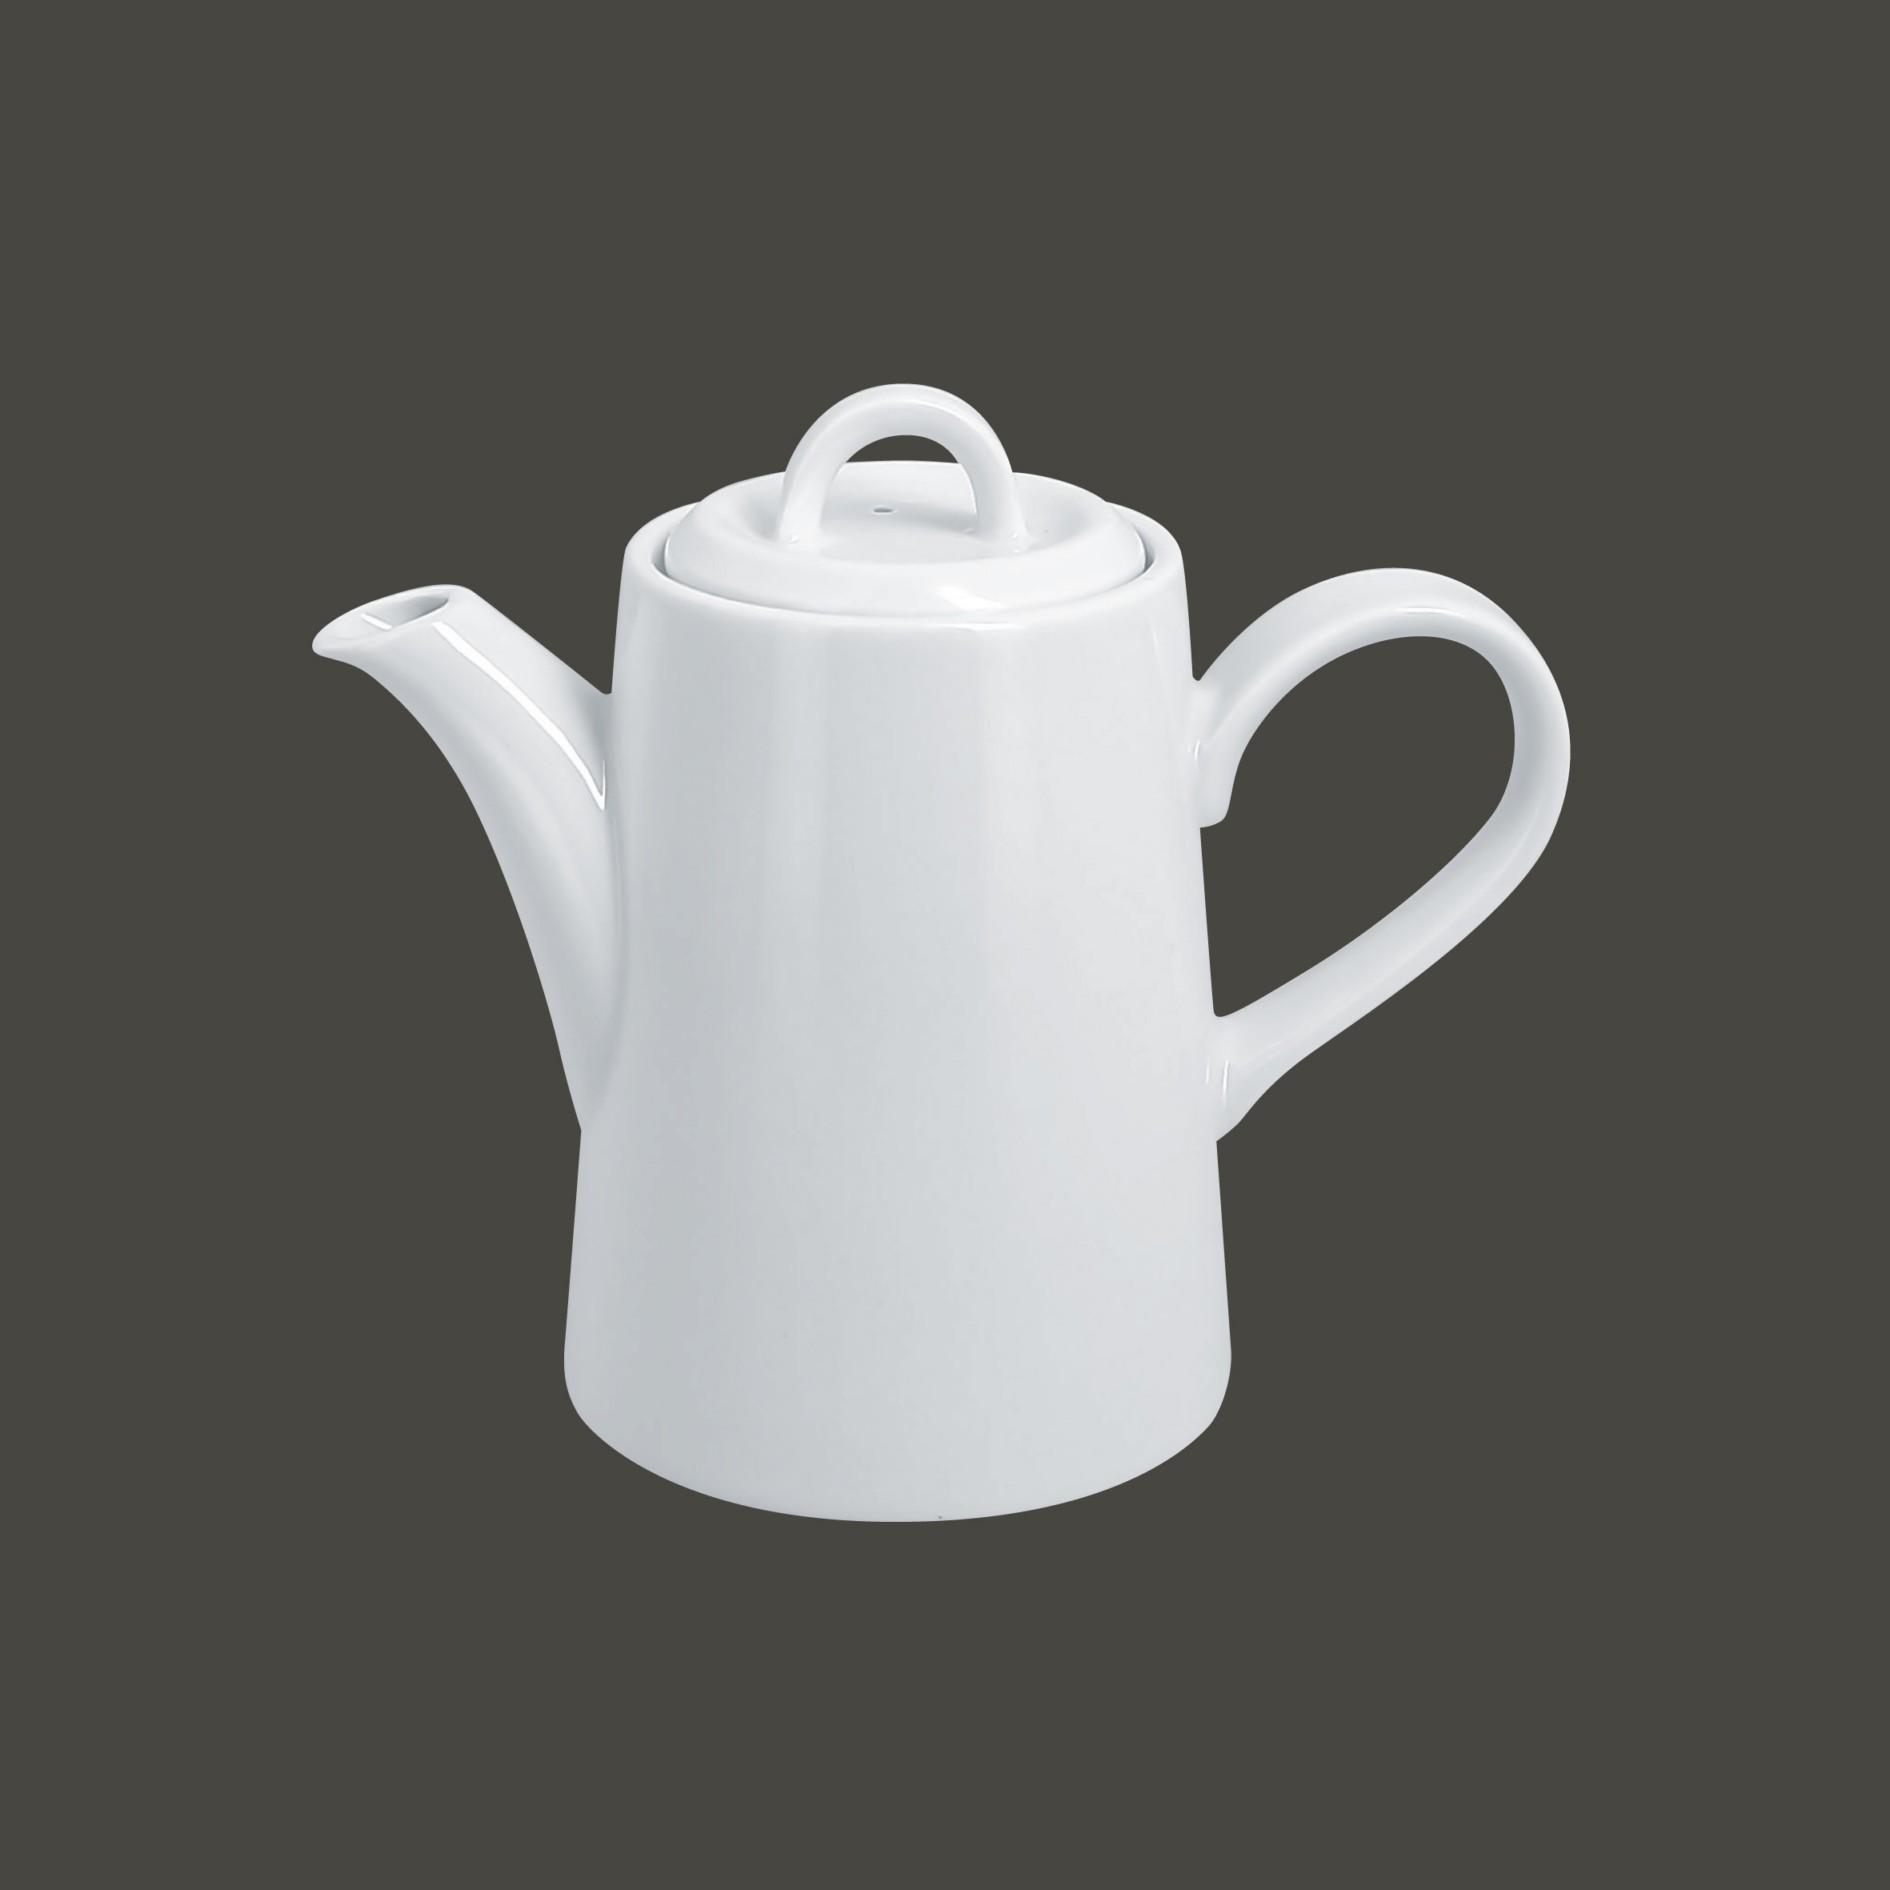 Access konvička na kávu 35 cl